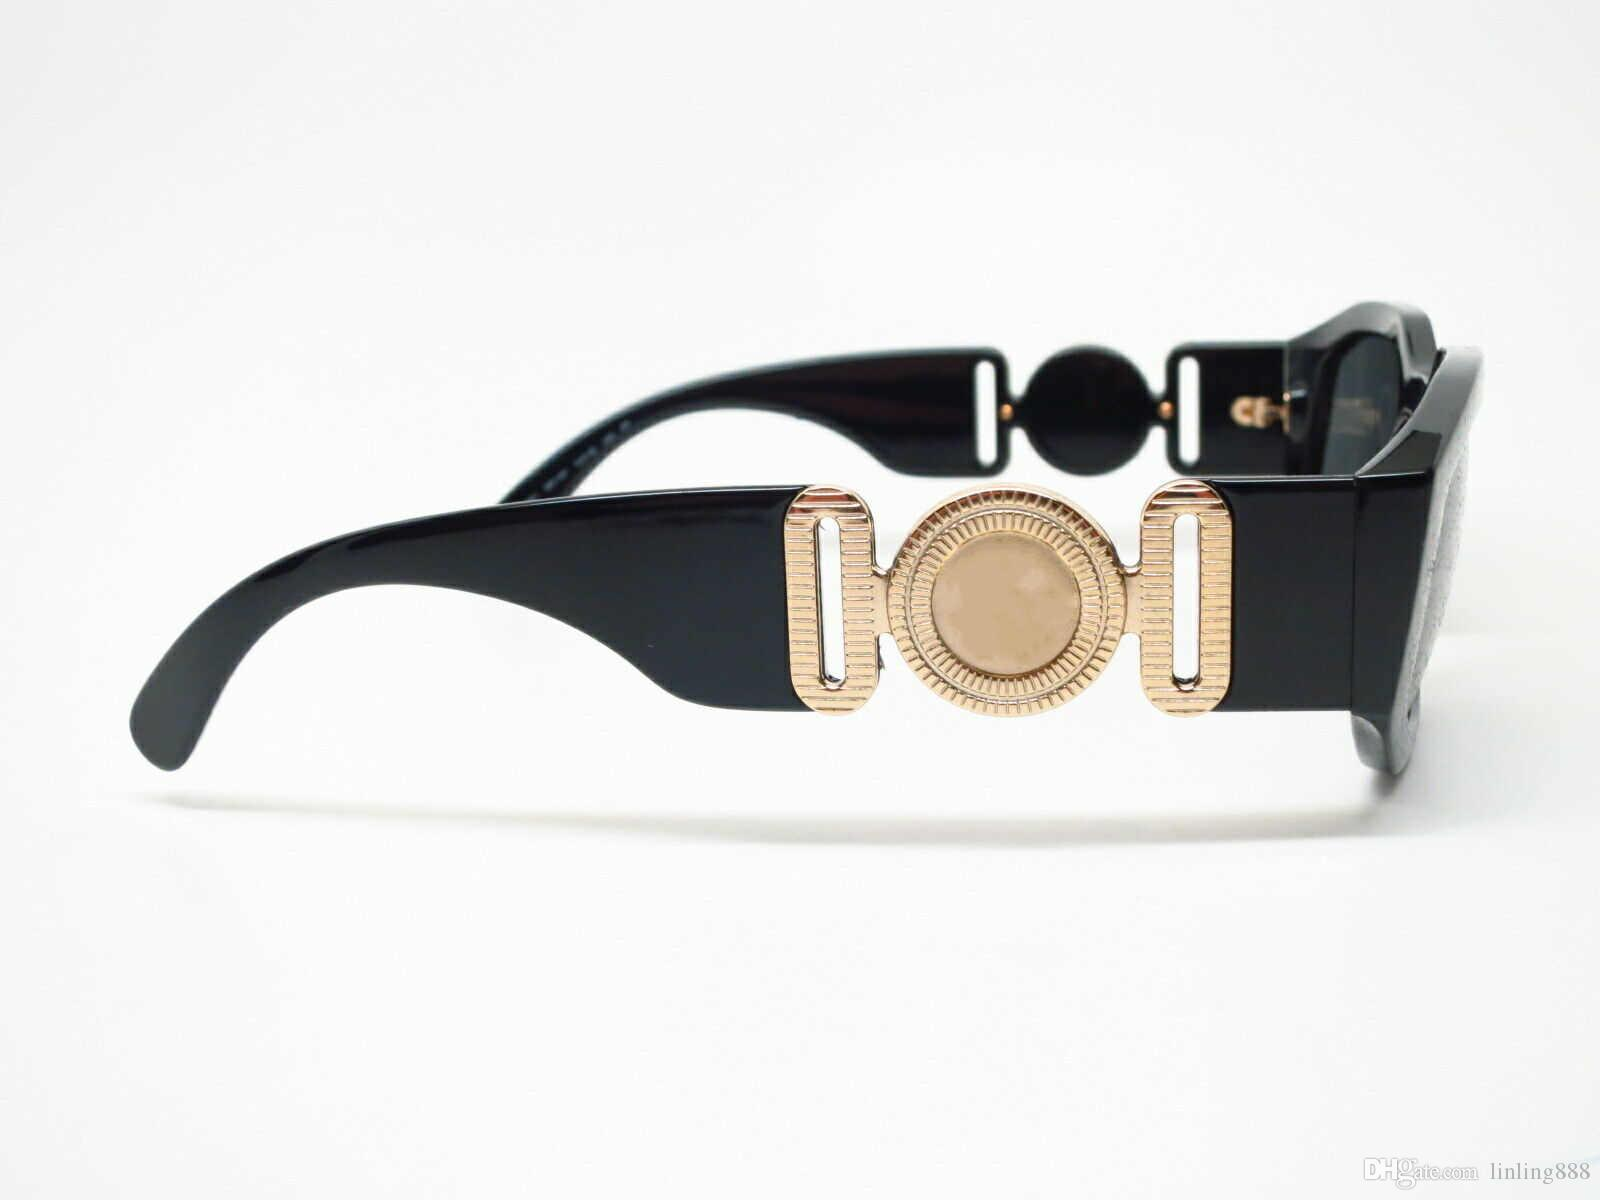 4361 GB1 / 87 Schwarz / Grau Herren Sonnenbrille 53 mm Unisex Designer-Sonnenbrillen Luxus-Sonnenbrillen Modemarke für Herren Frau Brille